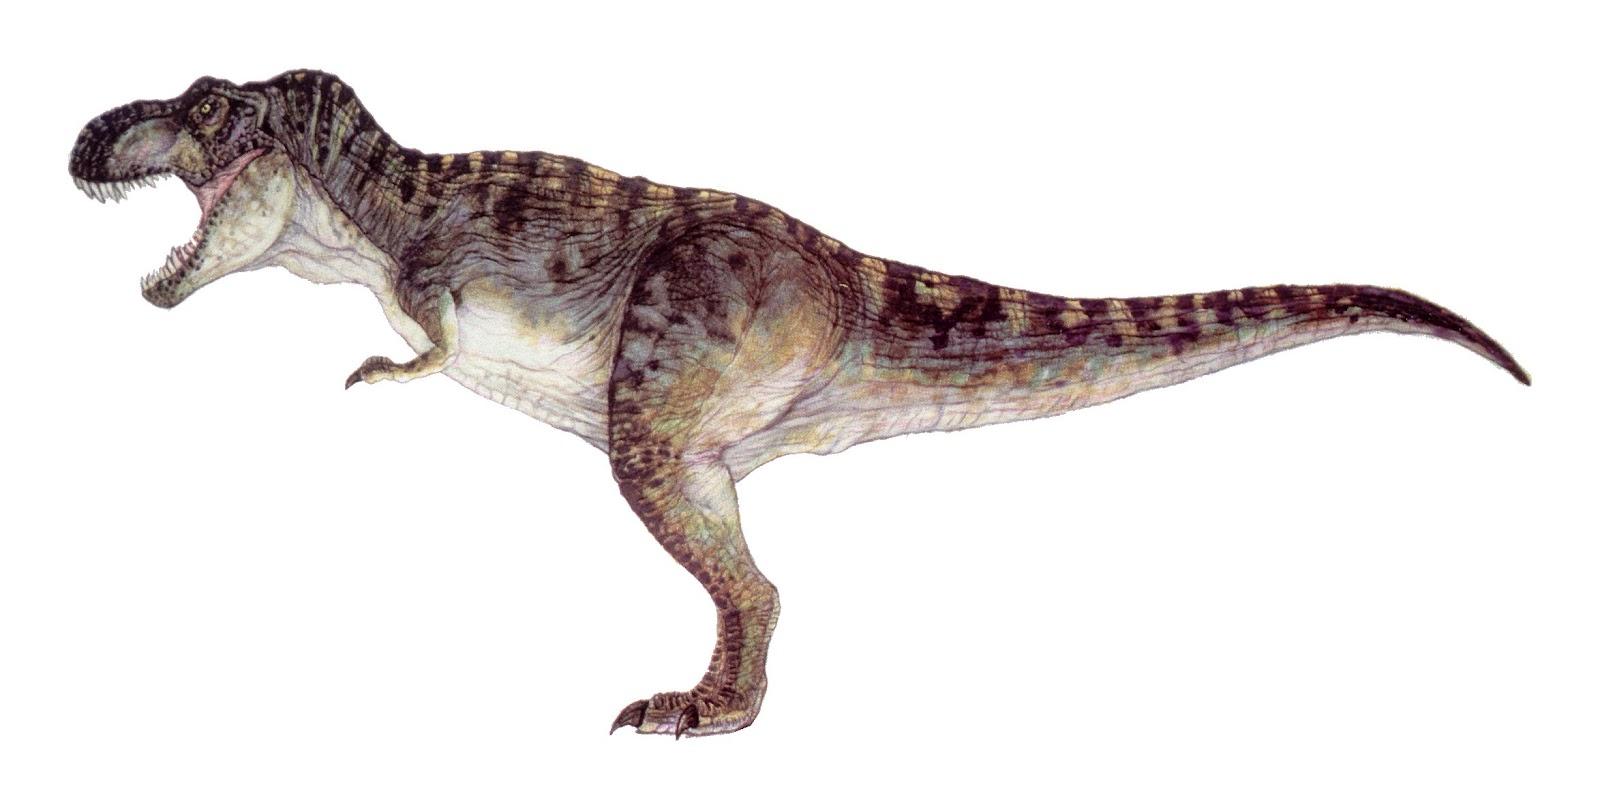 http://3.bp.blogspot.com/-ed7xZYklmSg/T3-iI6ak0nI/AAAAAAAAGNI/9r4r56MpF8g/s1600/The_Lost_World_Jurassic_Park_Bull_T-Rex.jpg